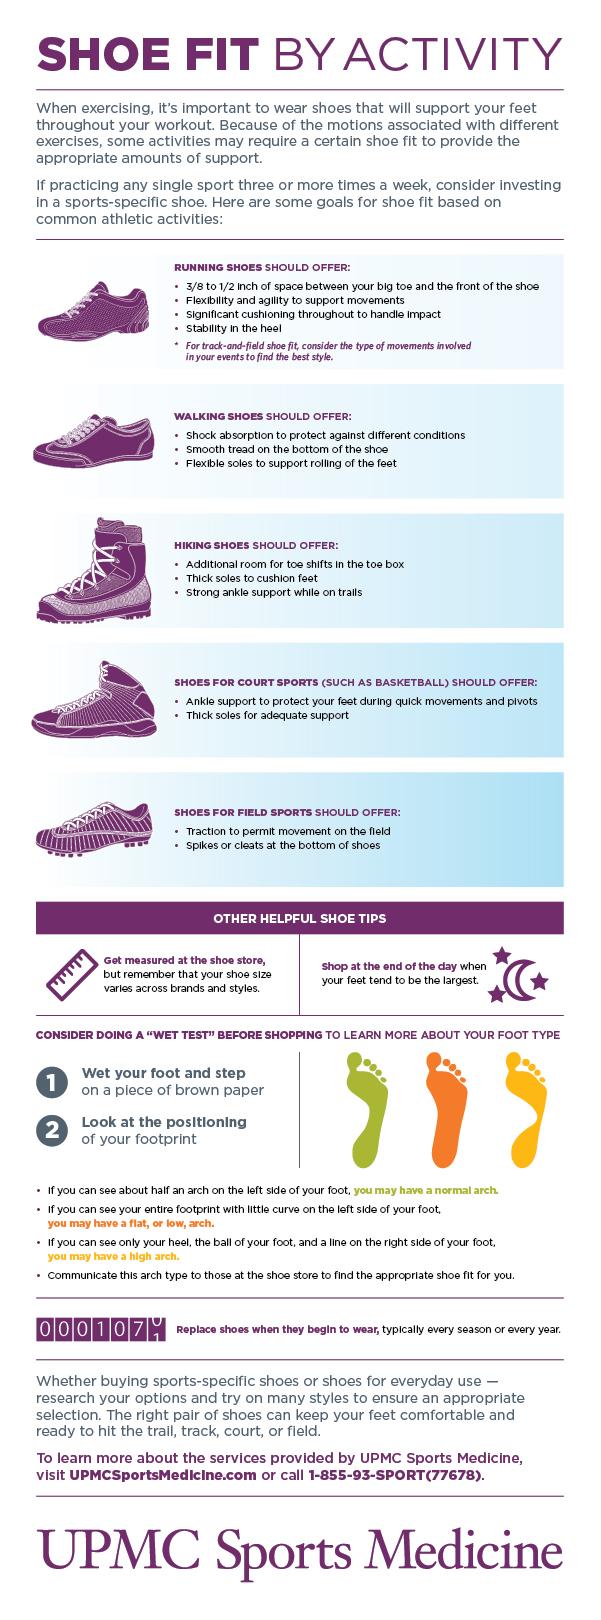 Shoe Buying Tips for Athletes | UPMC